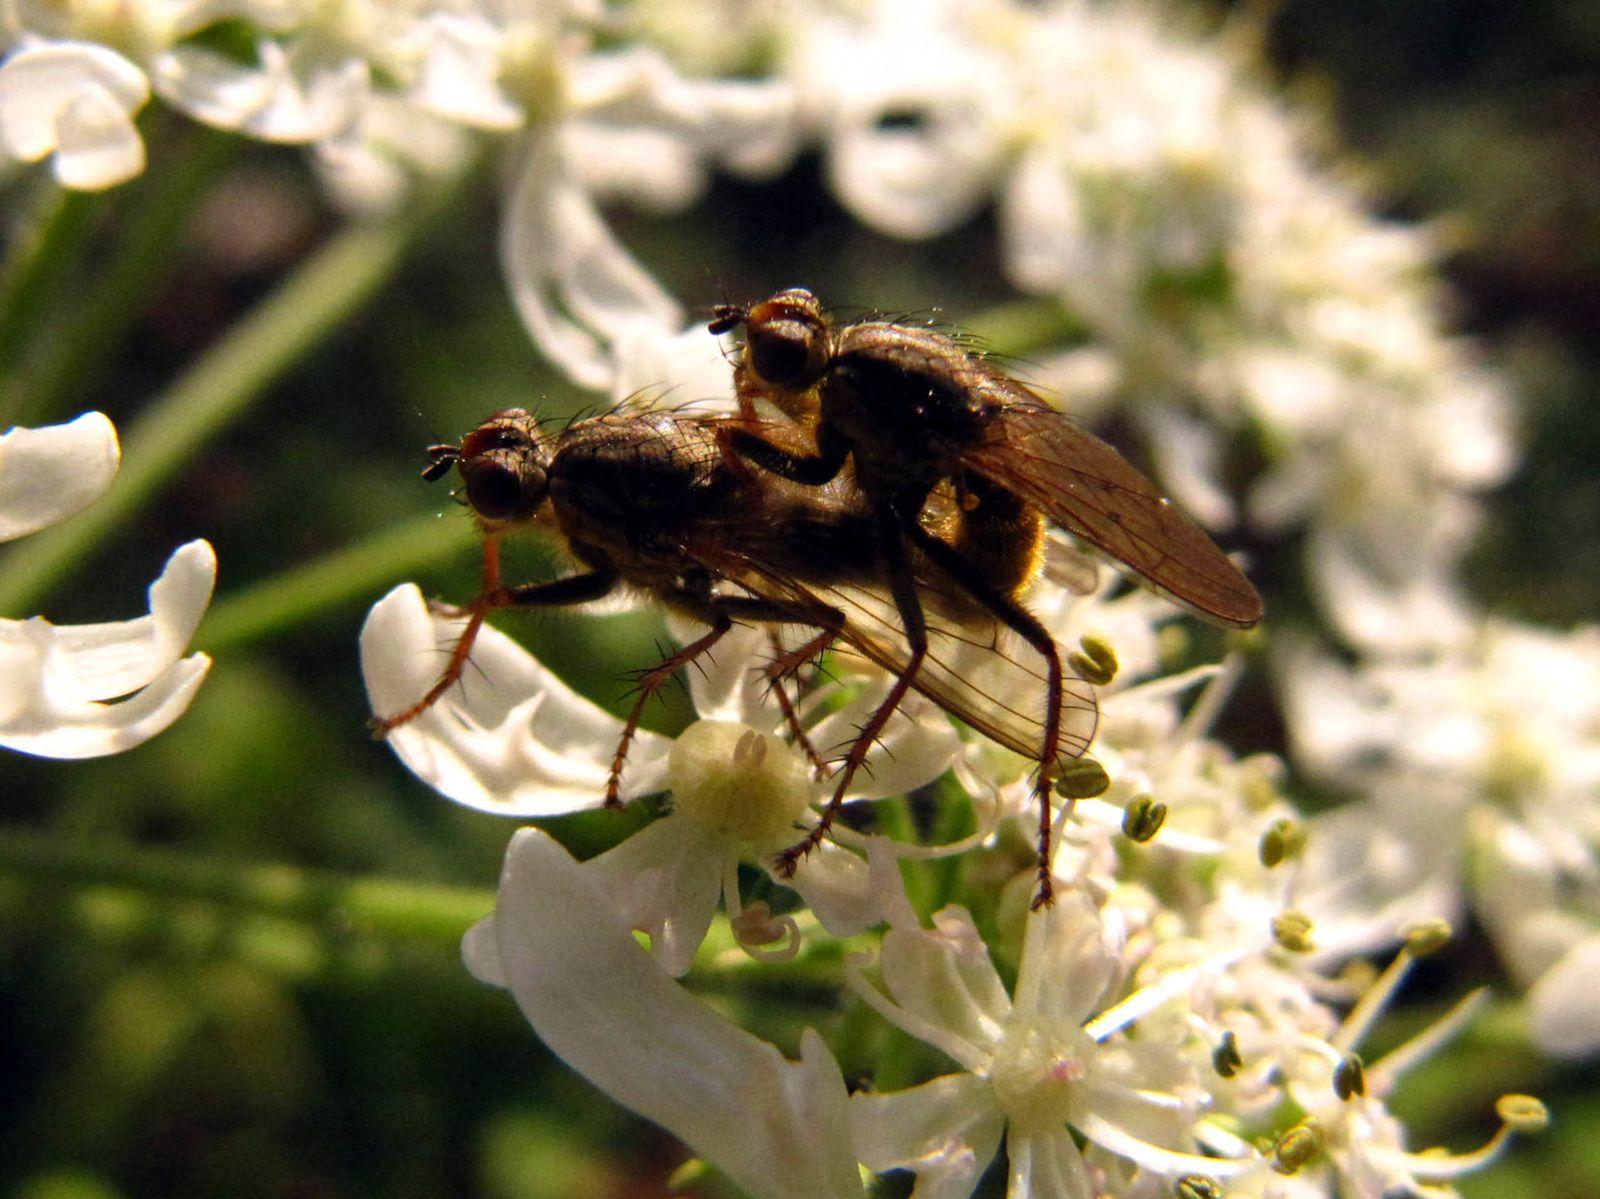 """2 décembre 15H45 sous un soleil pâlichon..  Ce couple de diptères, sans doute des Scatophaga stercoria, si je ne trompe pas, couramment appelée """"mouche à merde"""", s'offrent un dernier ( ? ) plaisir, comme pour conjurer l'arrivée de l'hiver ..."""